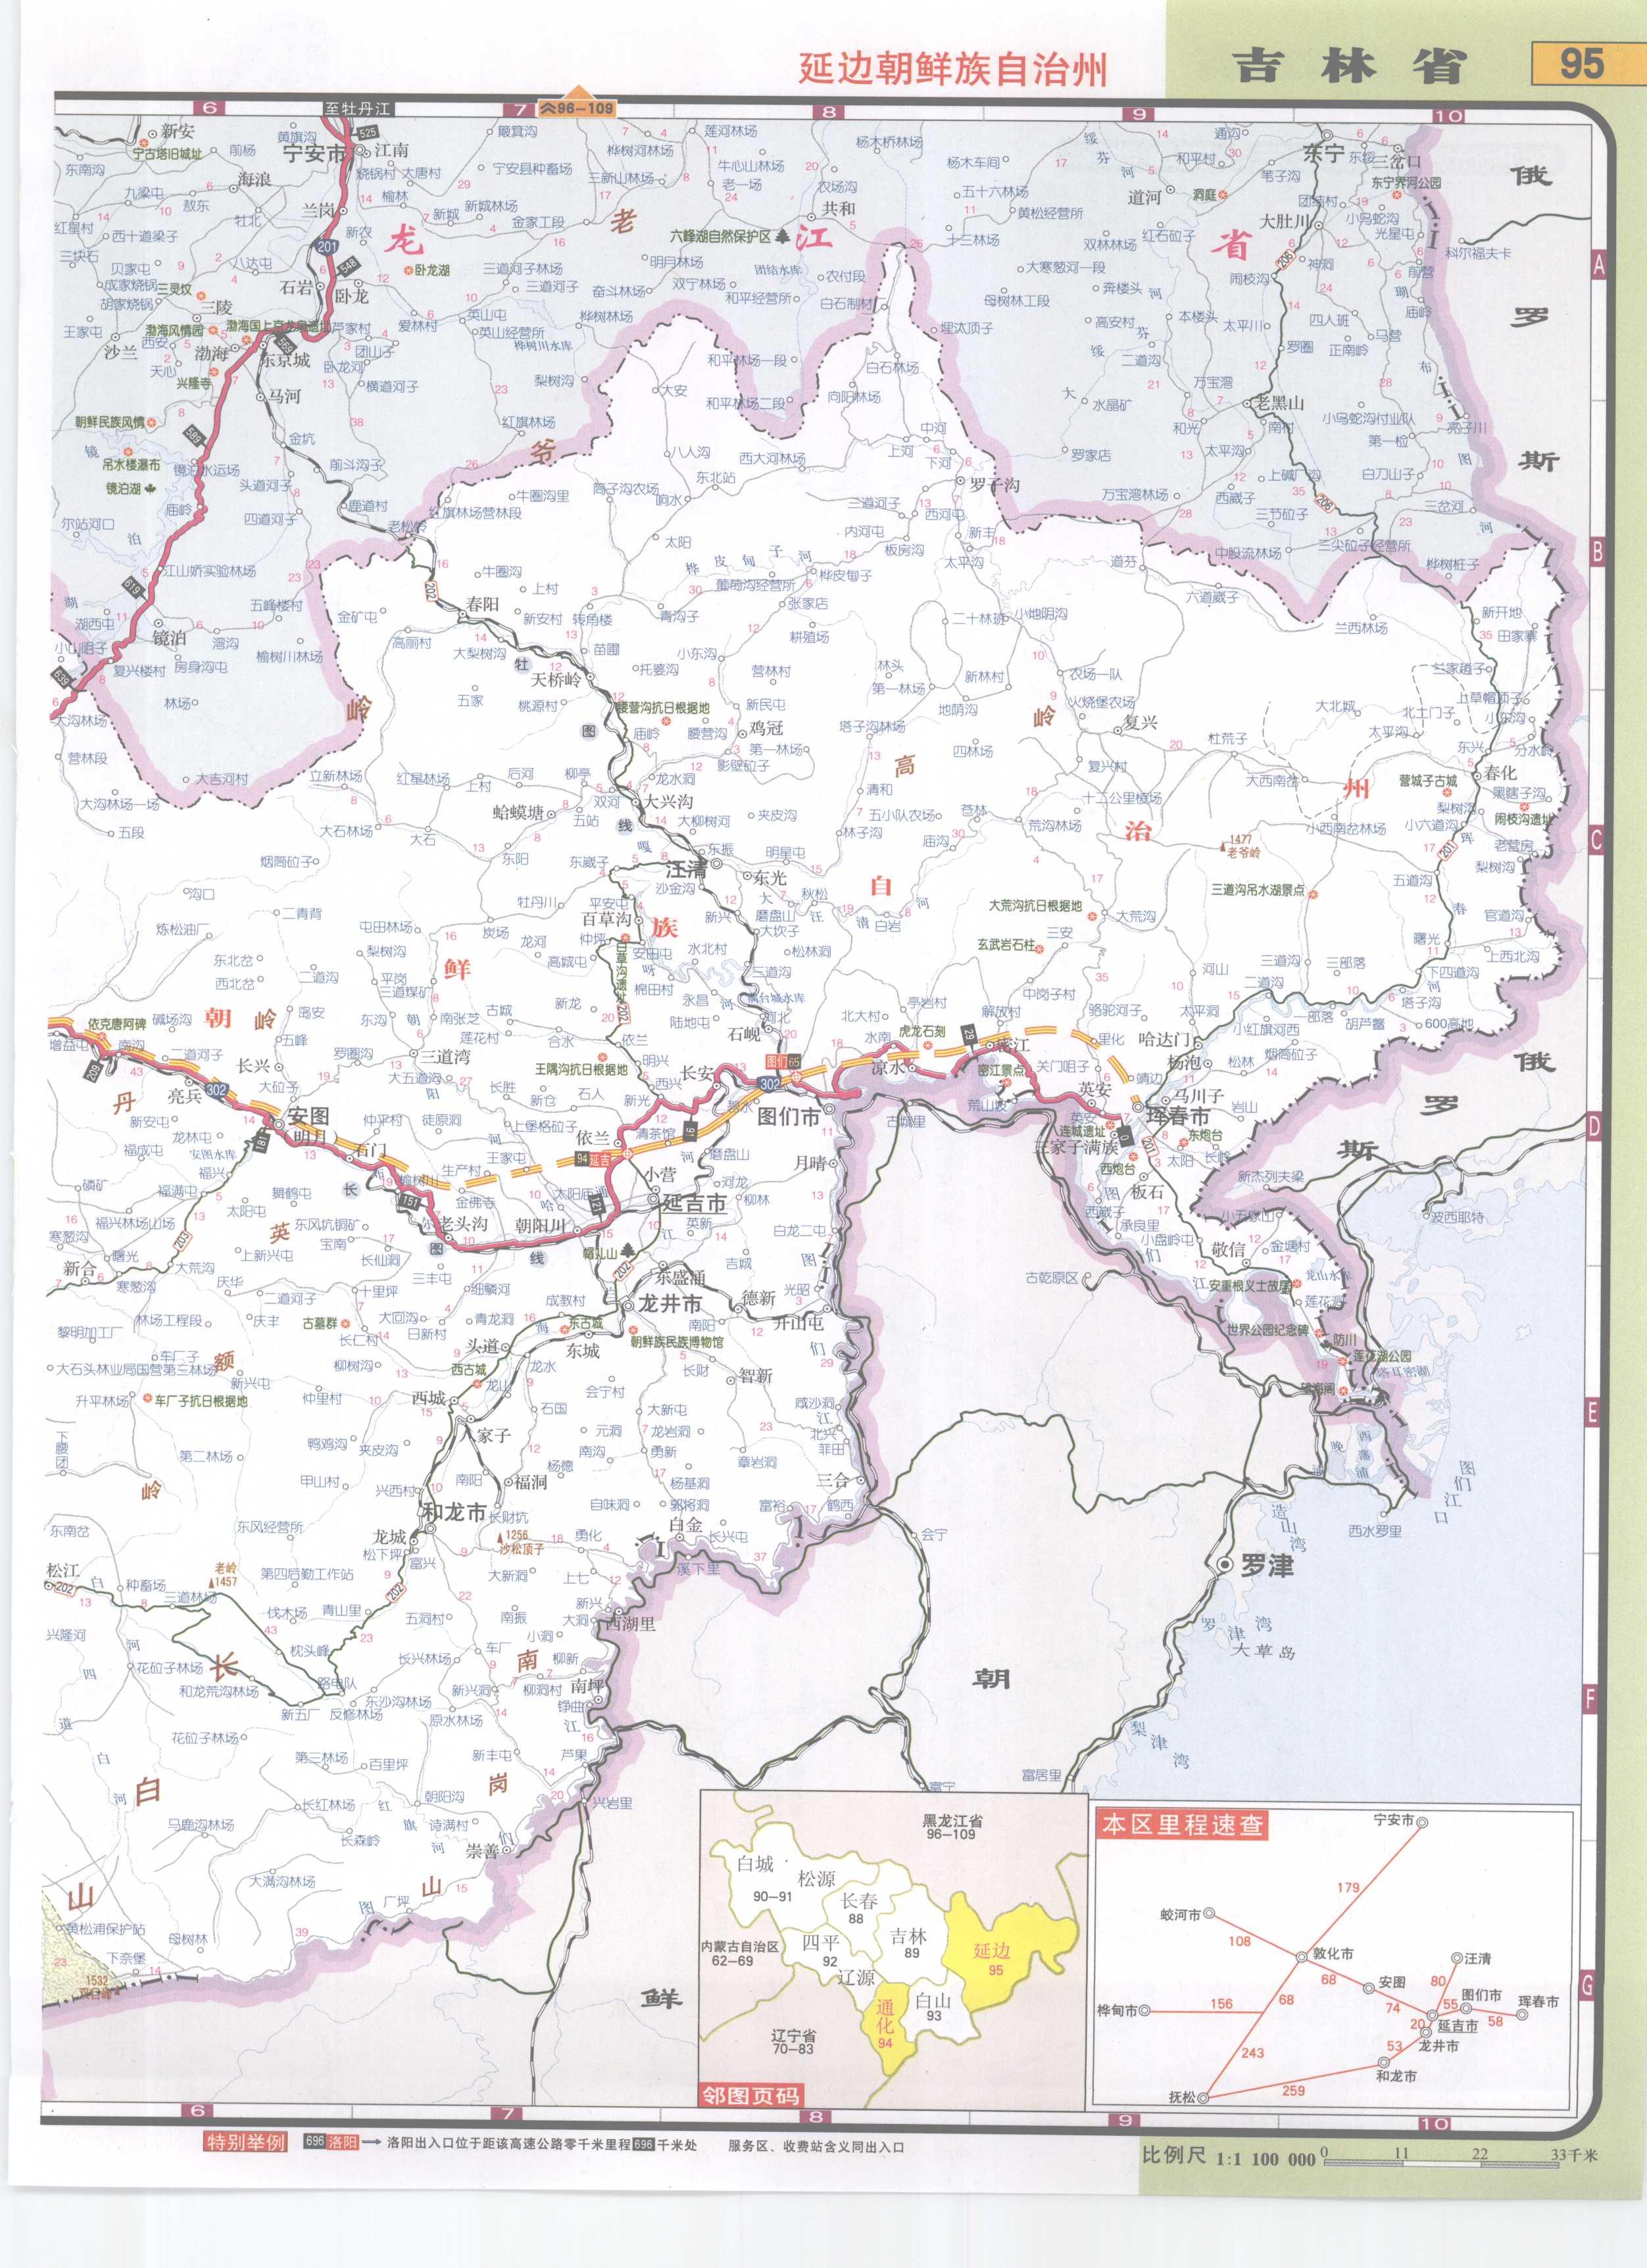 吉林市延边高速公路网地图